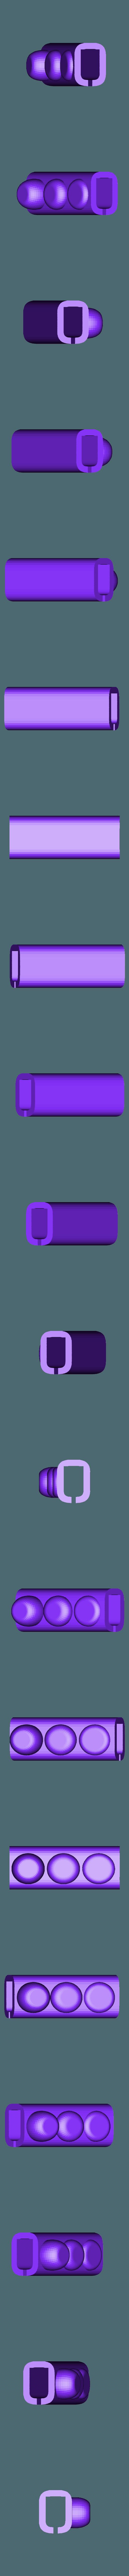 stopper-165.stl Télécharger fichier STL gratuit Couloir Seej • Design pour impression 3D, bLiTzJoN